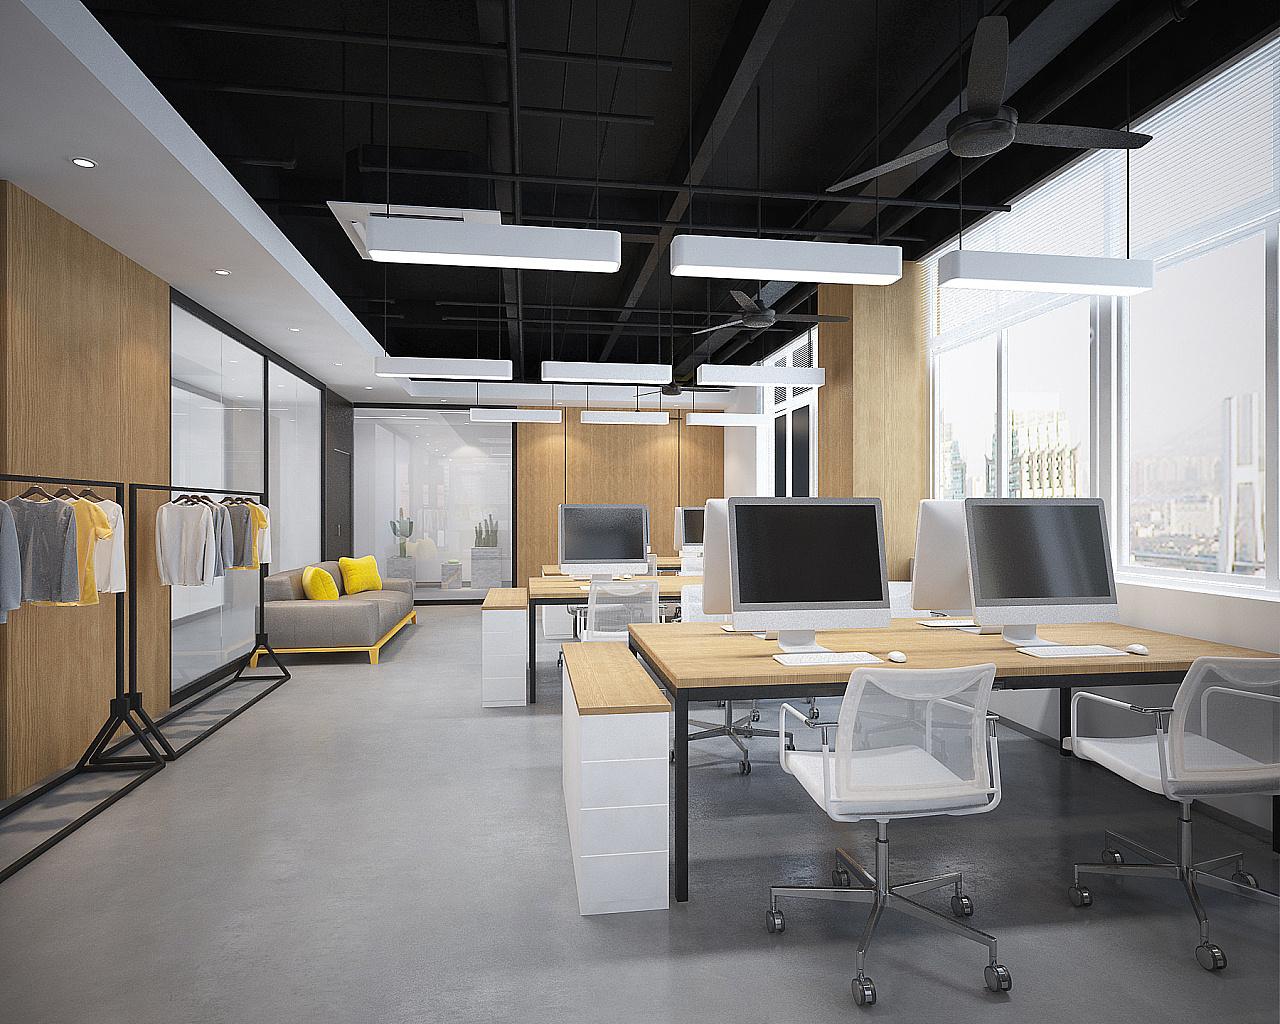 贵阳现代简约v空间空间装修设计效果图!|空间|室内设计ui设计师应该书的看、图片